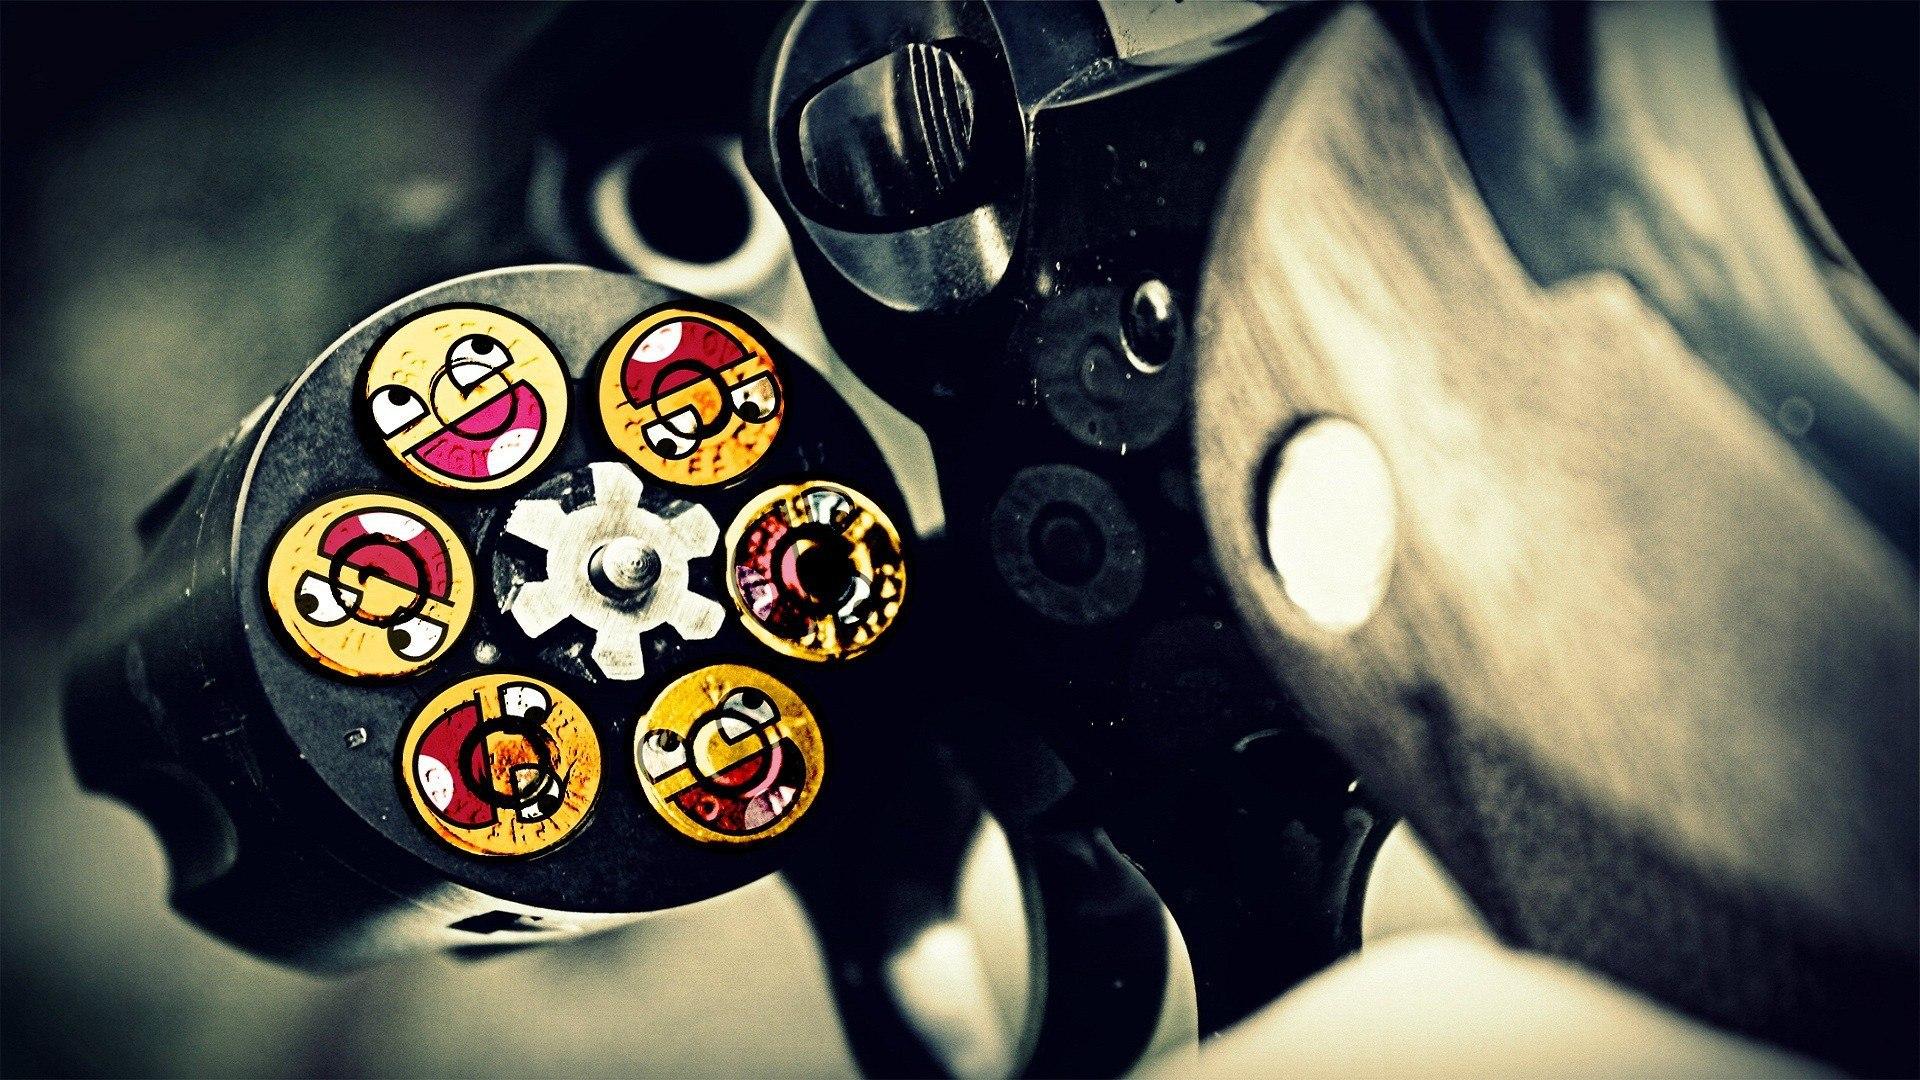 револьвер фильм обои на рабочий стол № 1277754 бесплатно